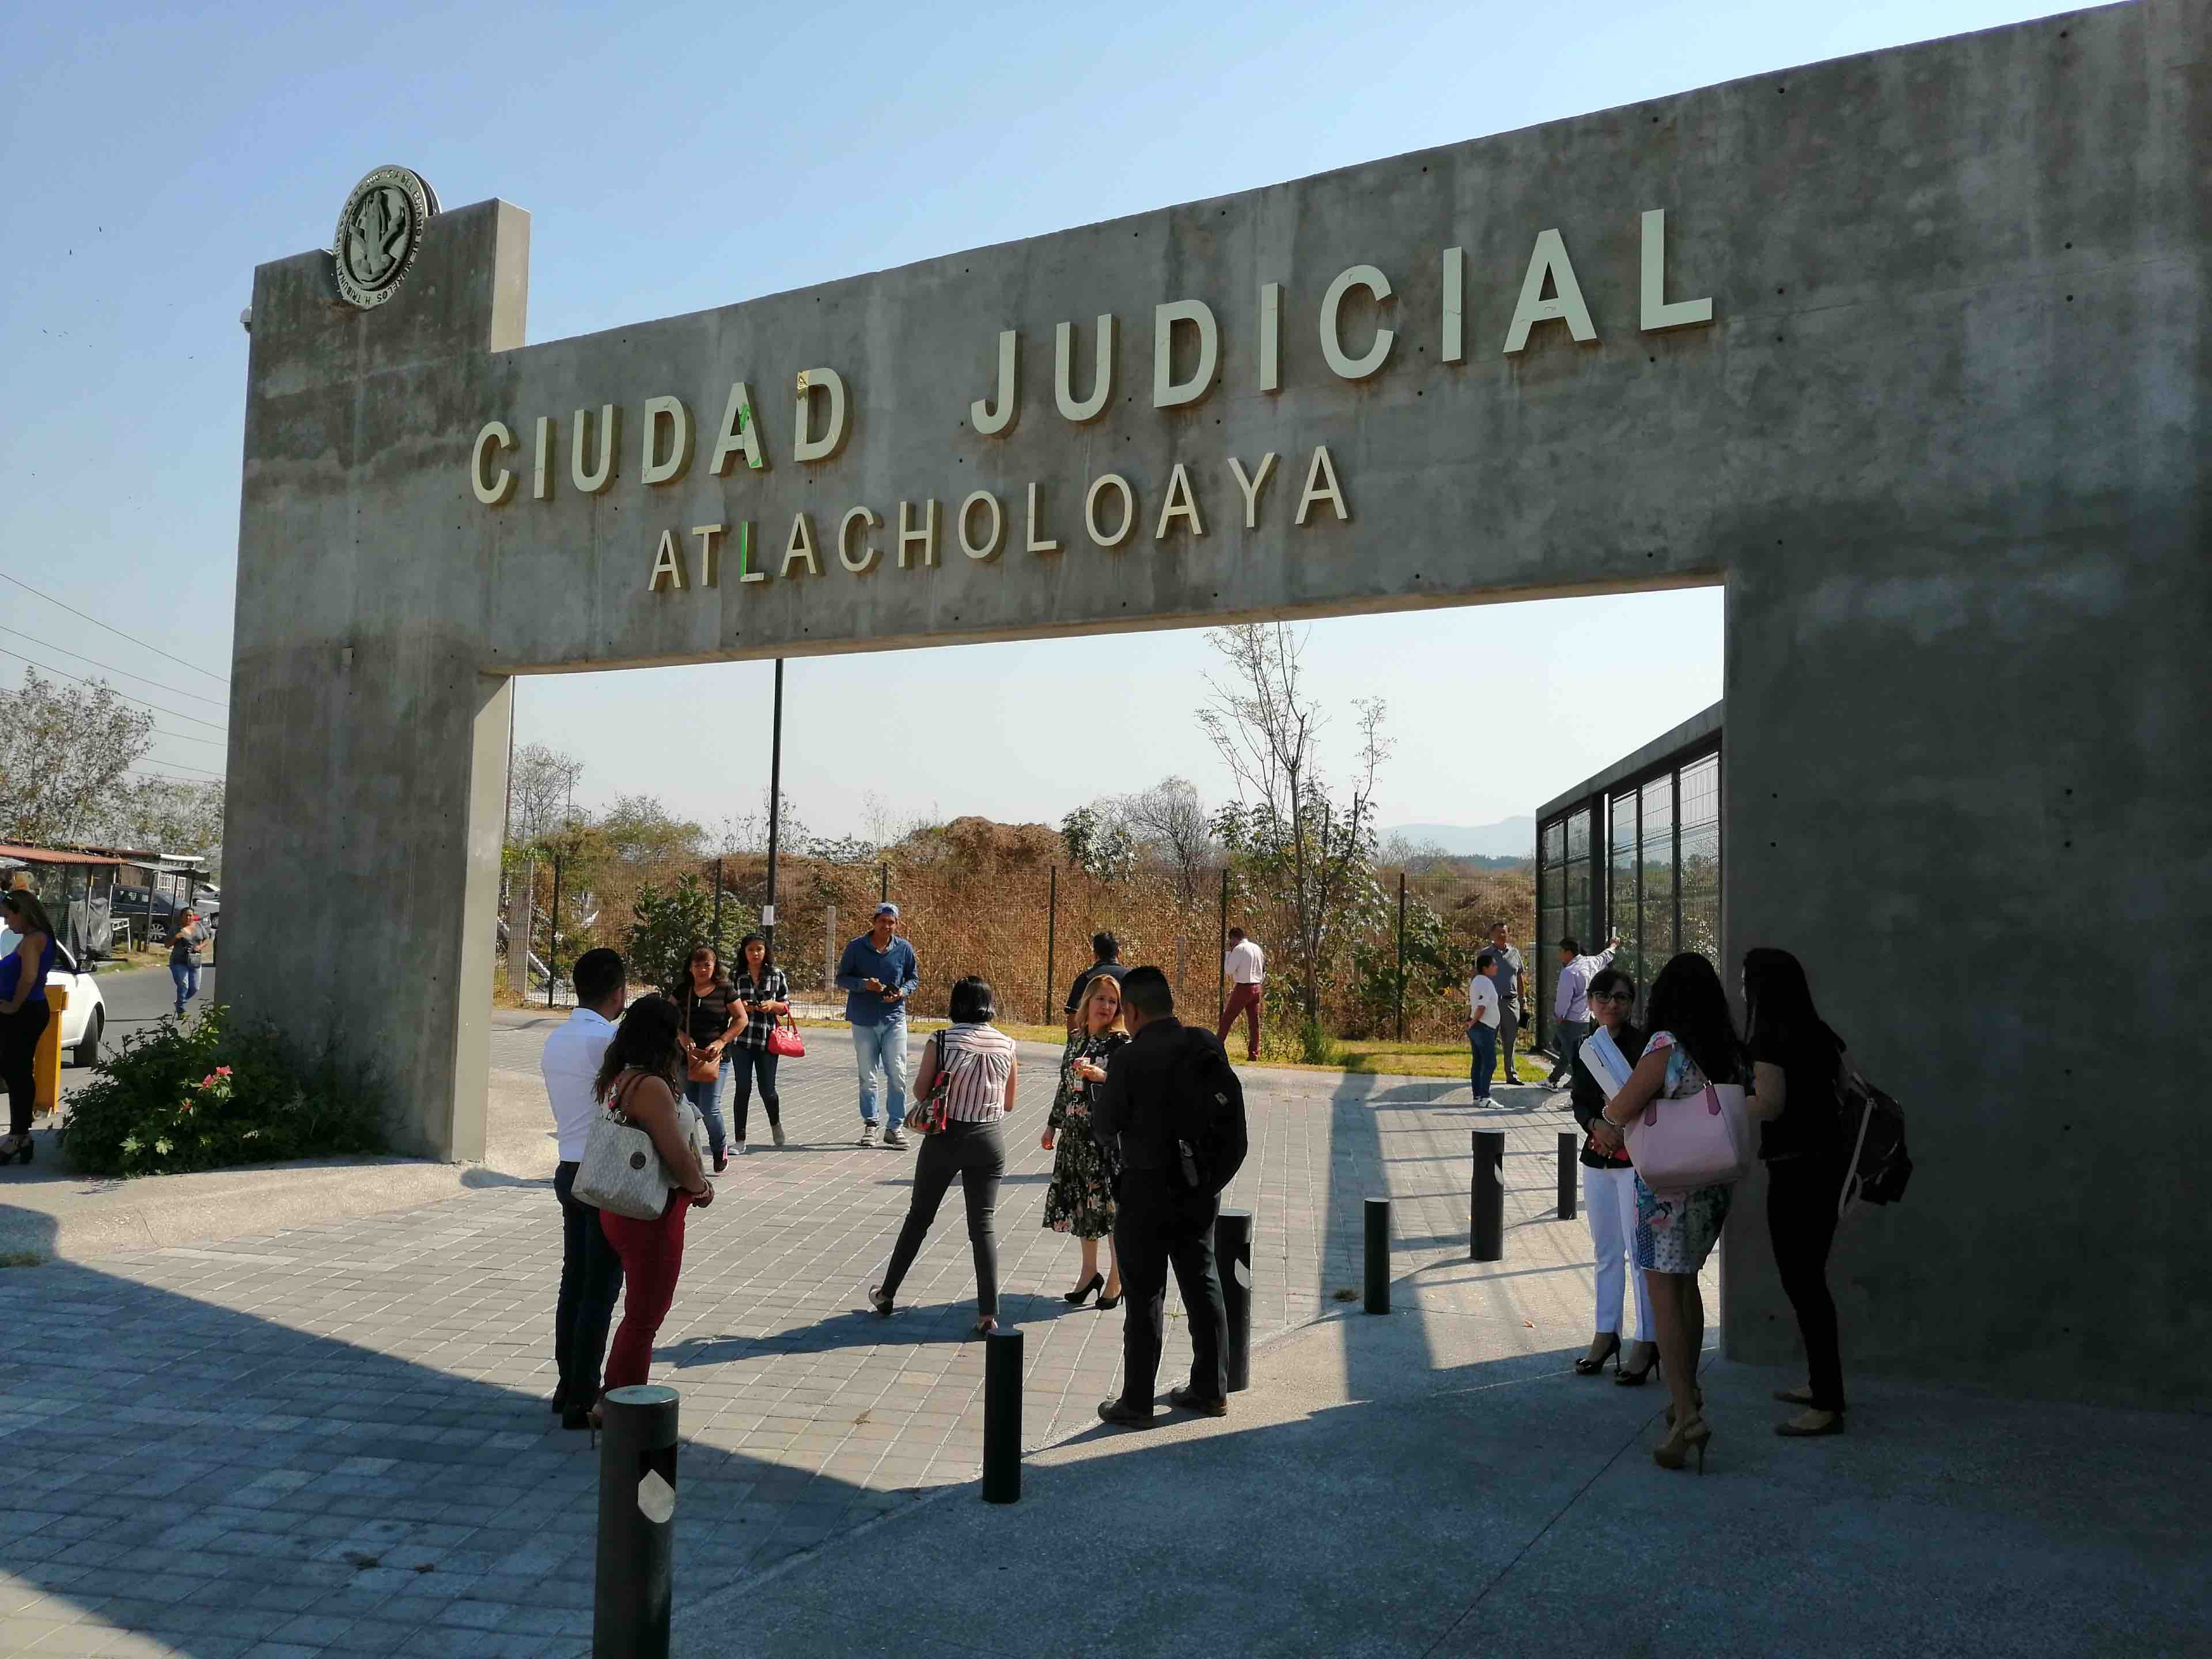 Ciudad Judicial Atlacholoaya